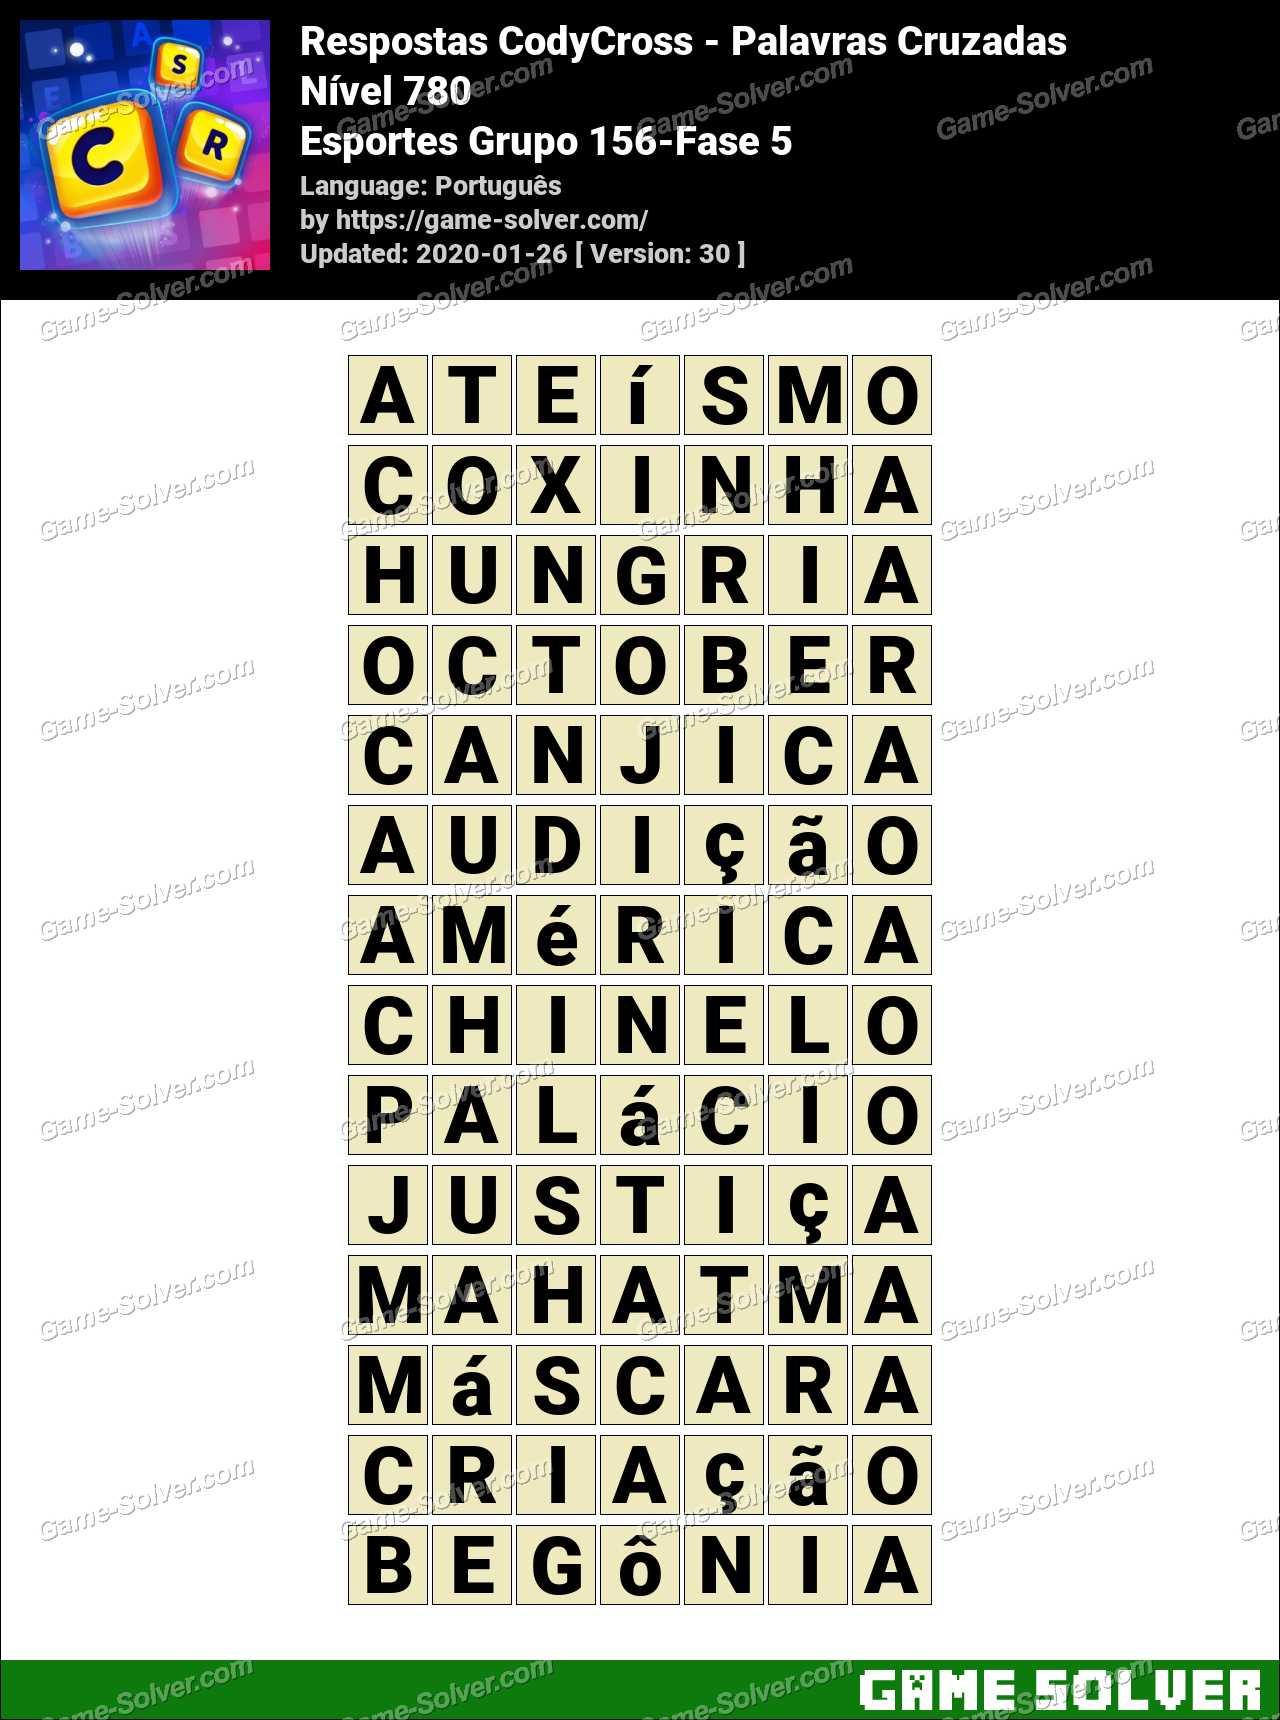 Respostas CodyCross Esportes Grupo 156-Fase 5